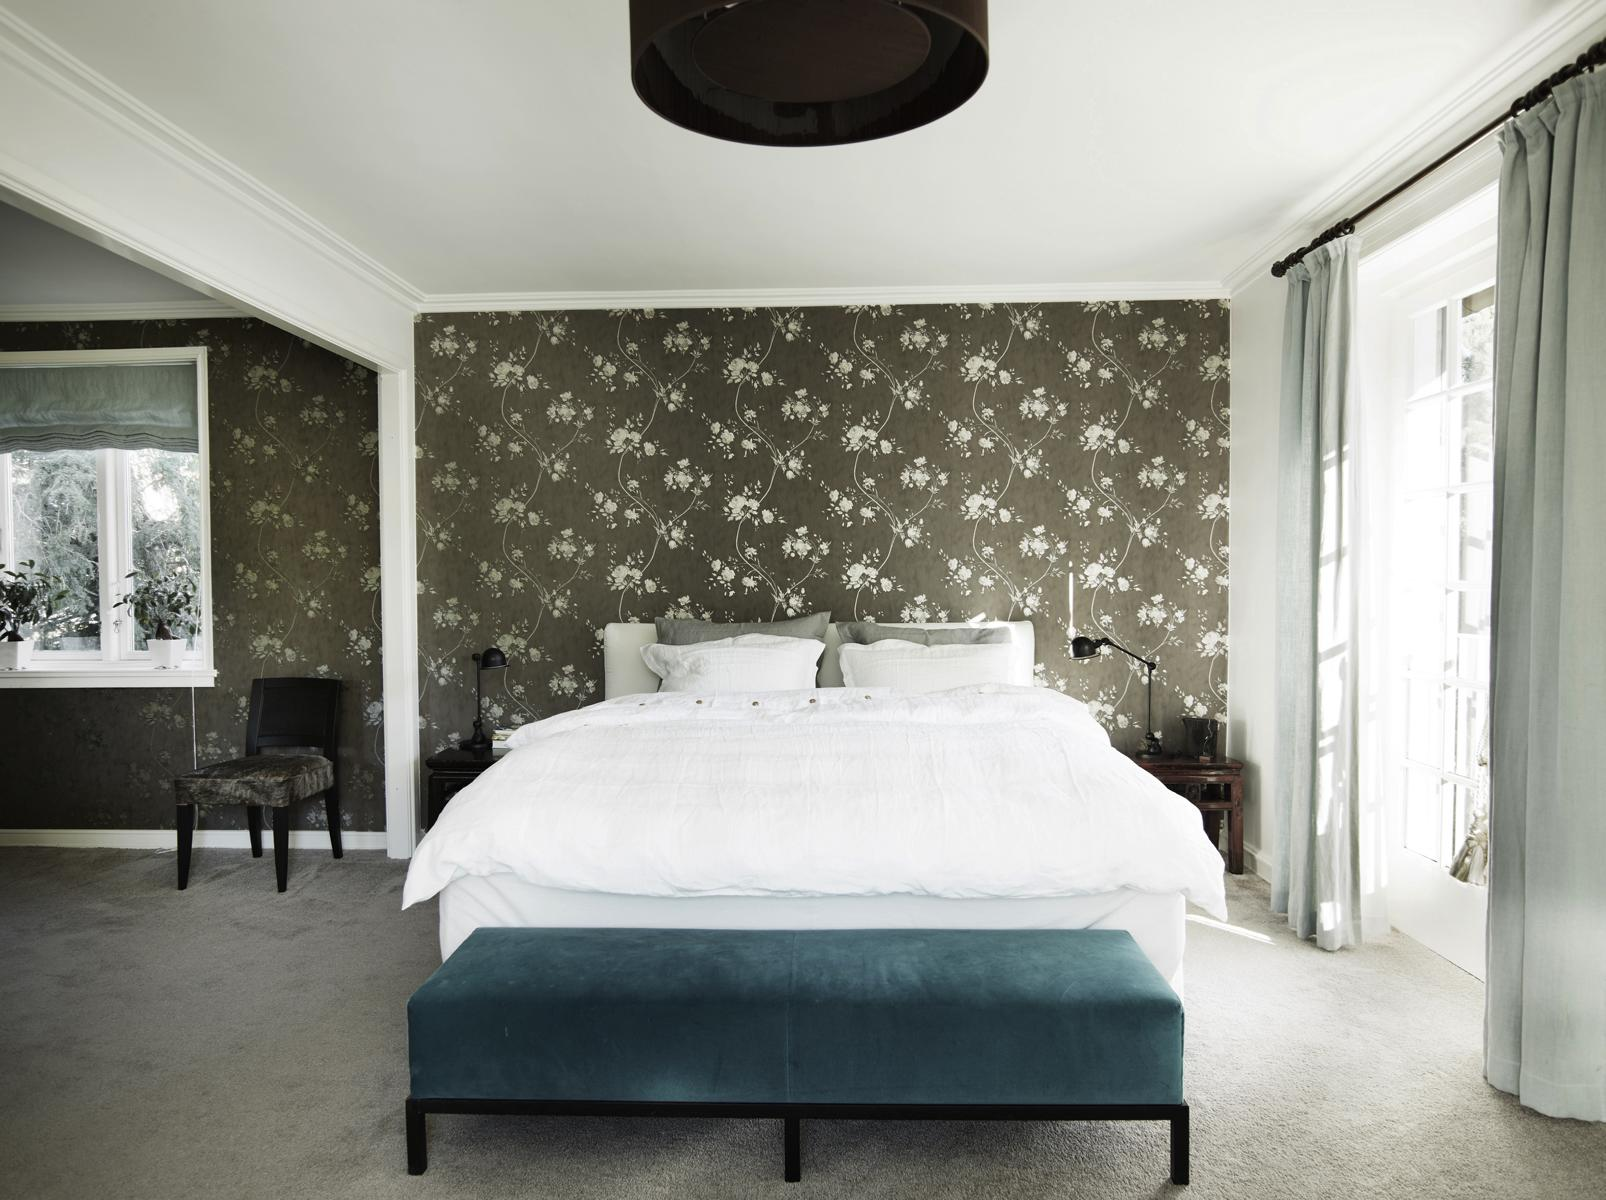 bettlaken leinen stonewashed von geismars in wei. Black Bedroom Furniture Sets. Home Design Ideas